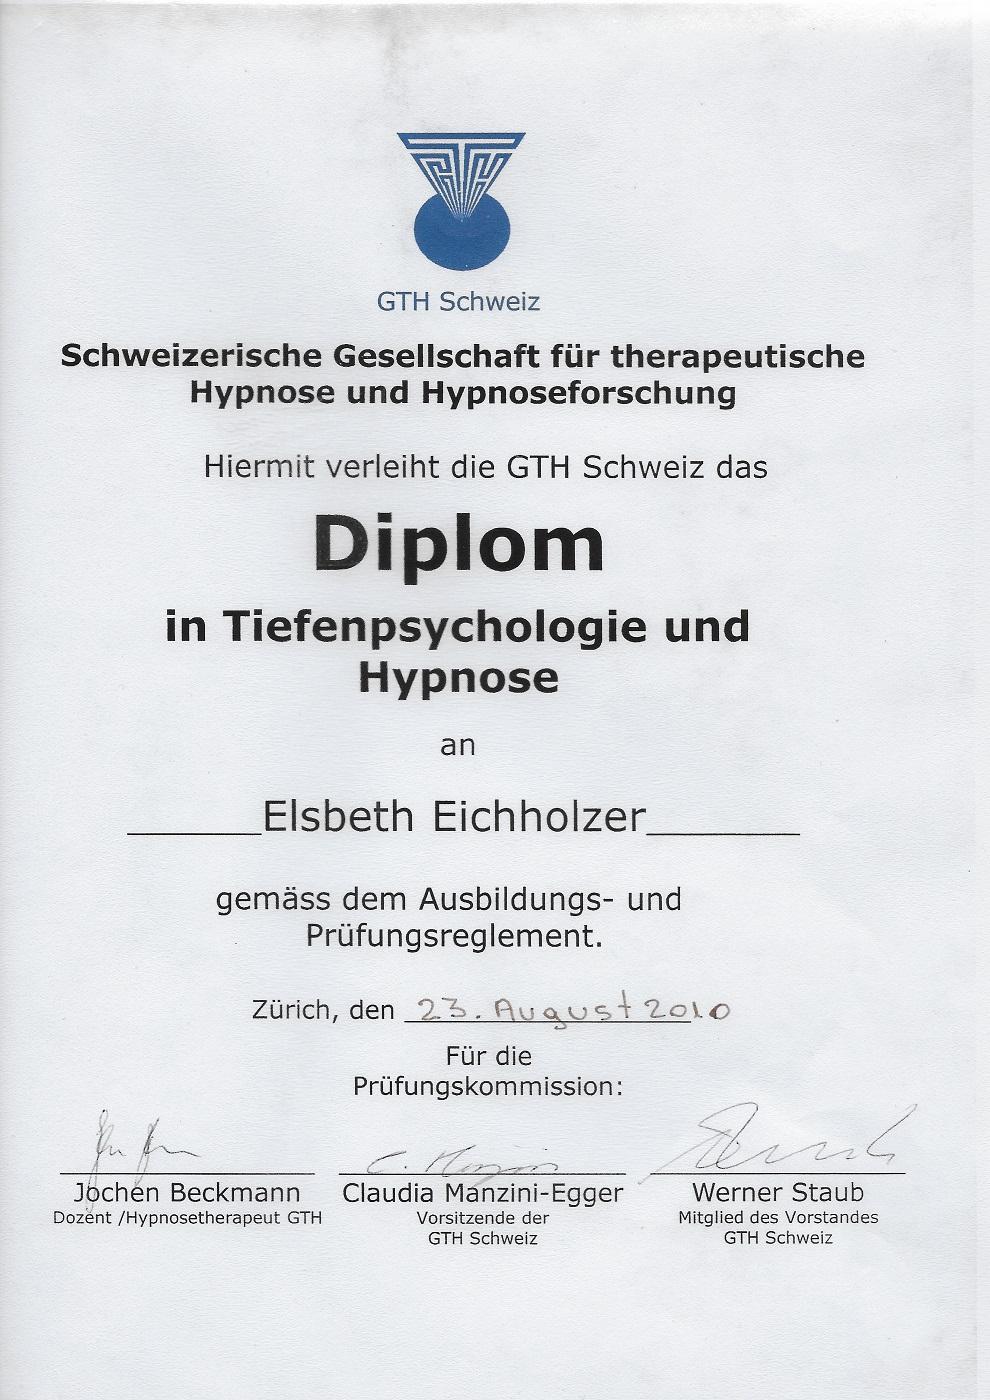 GTH-CH - Diplom in Tiefenpsychologie und Hypnose